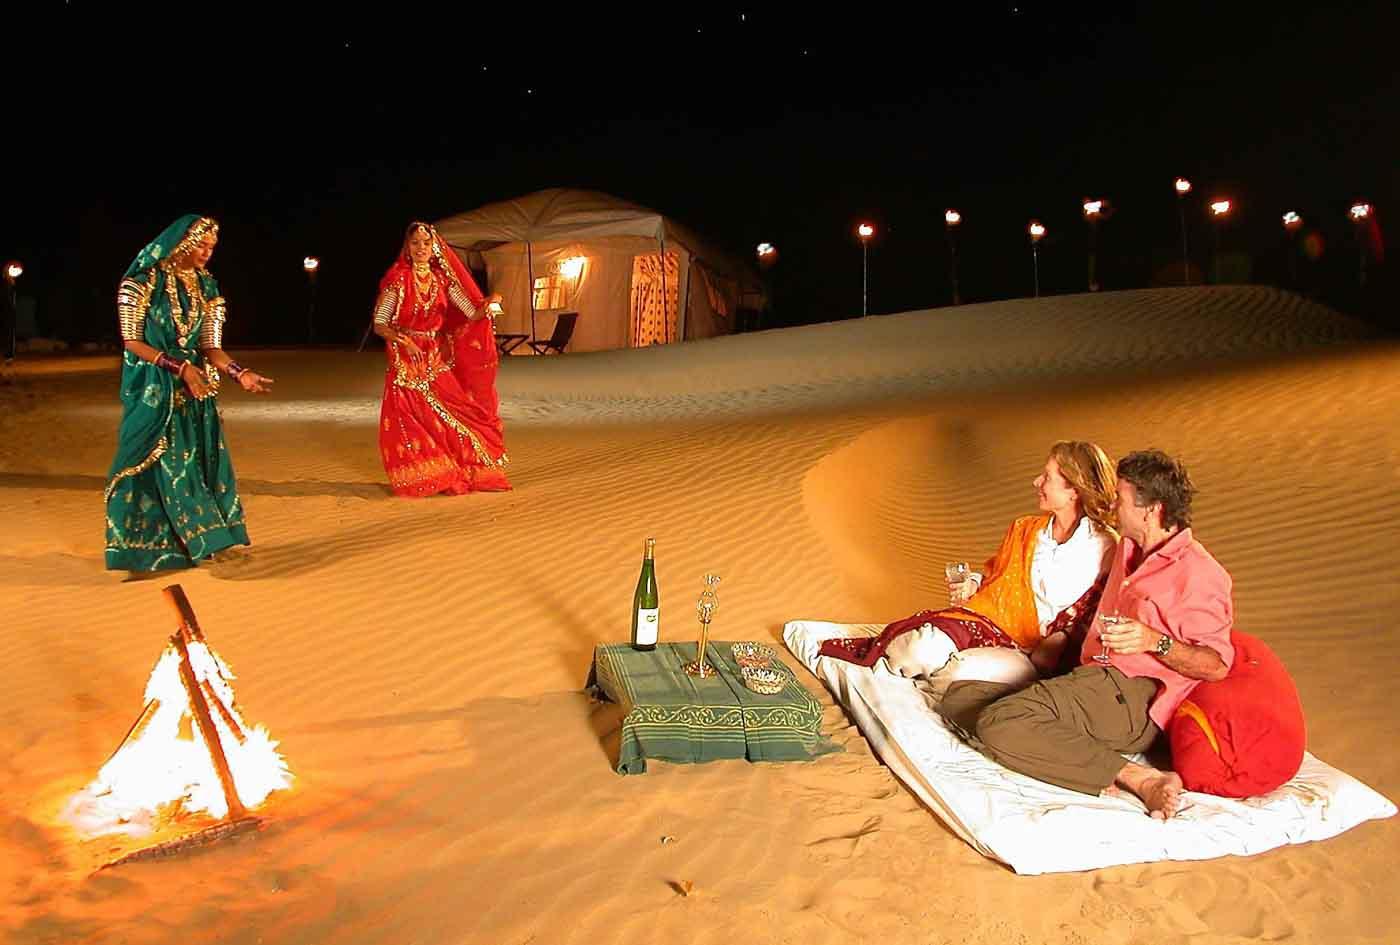 Arabien Nights clipart rajasthan #7